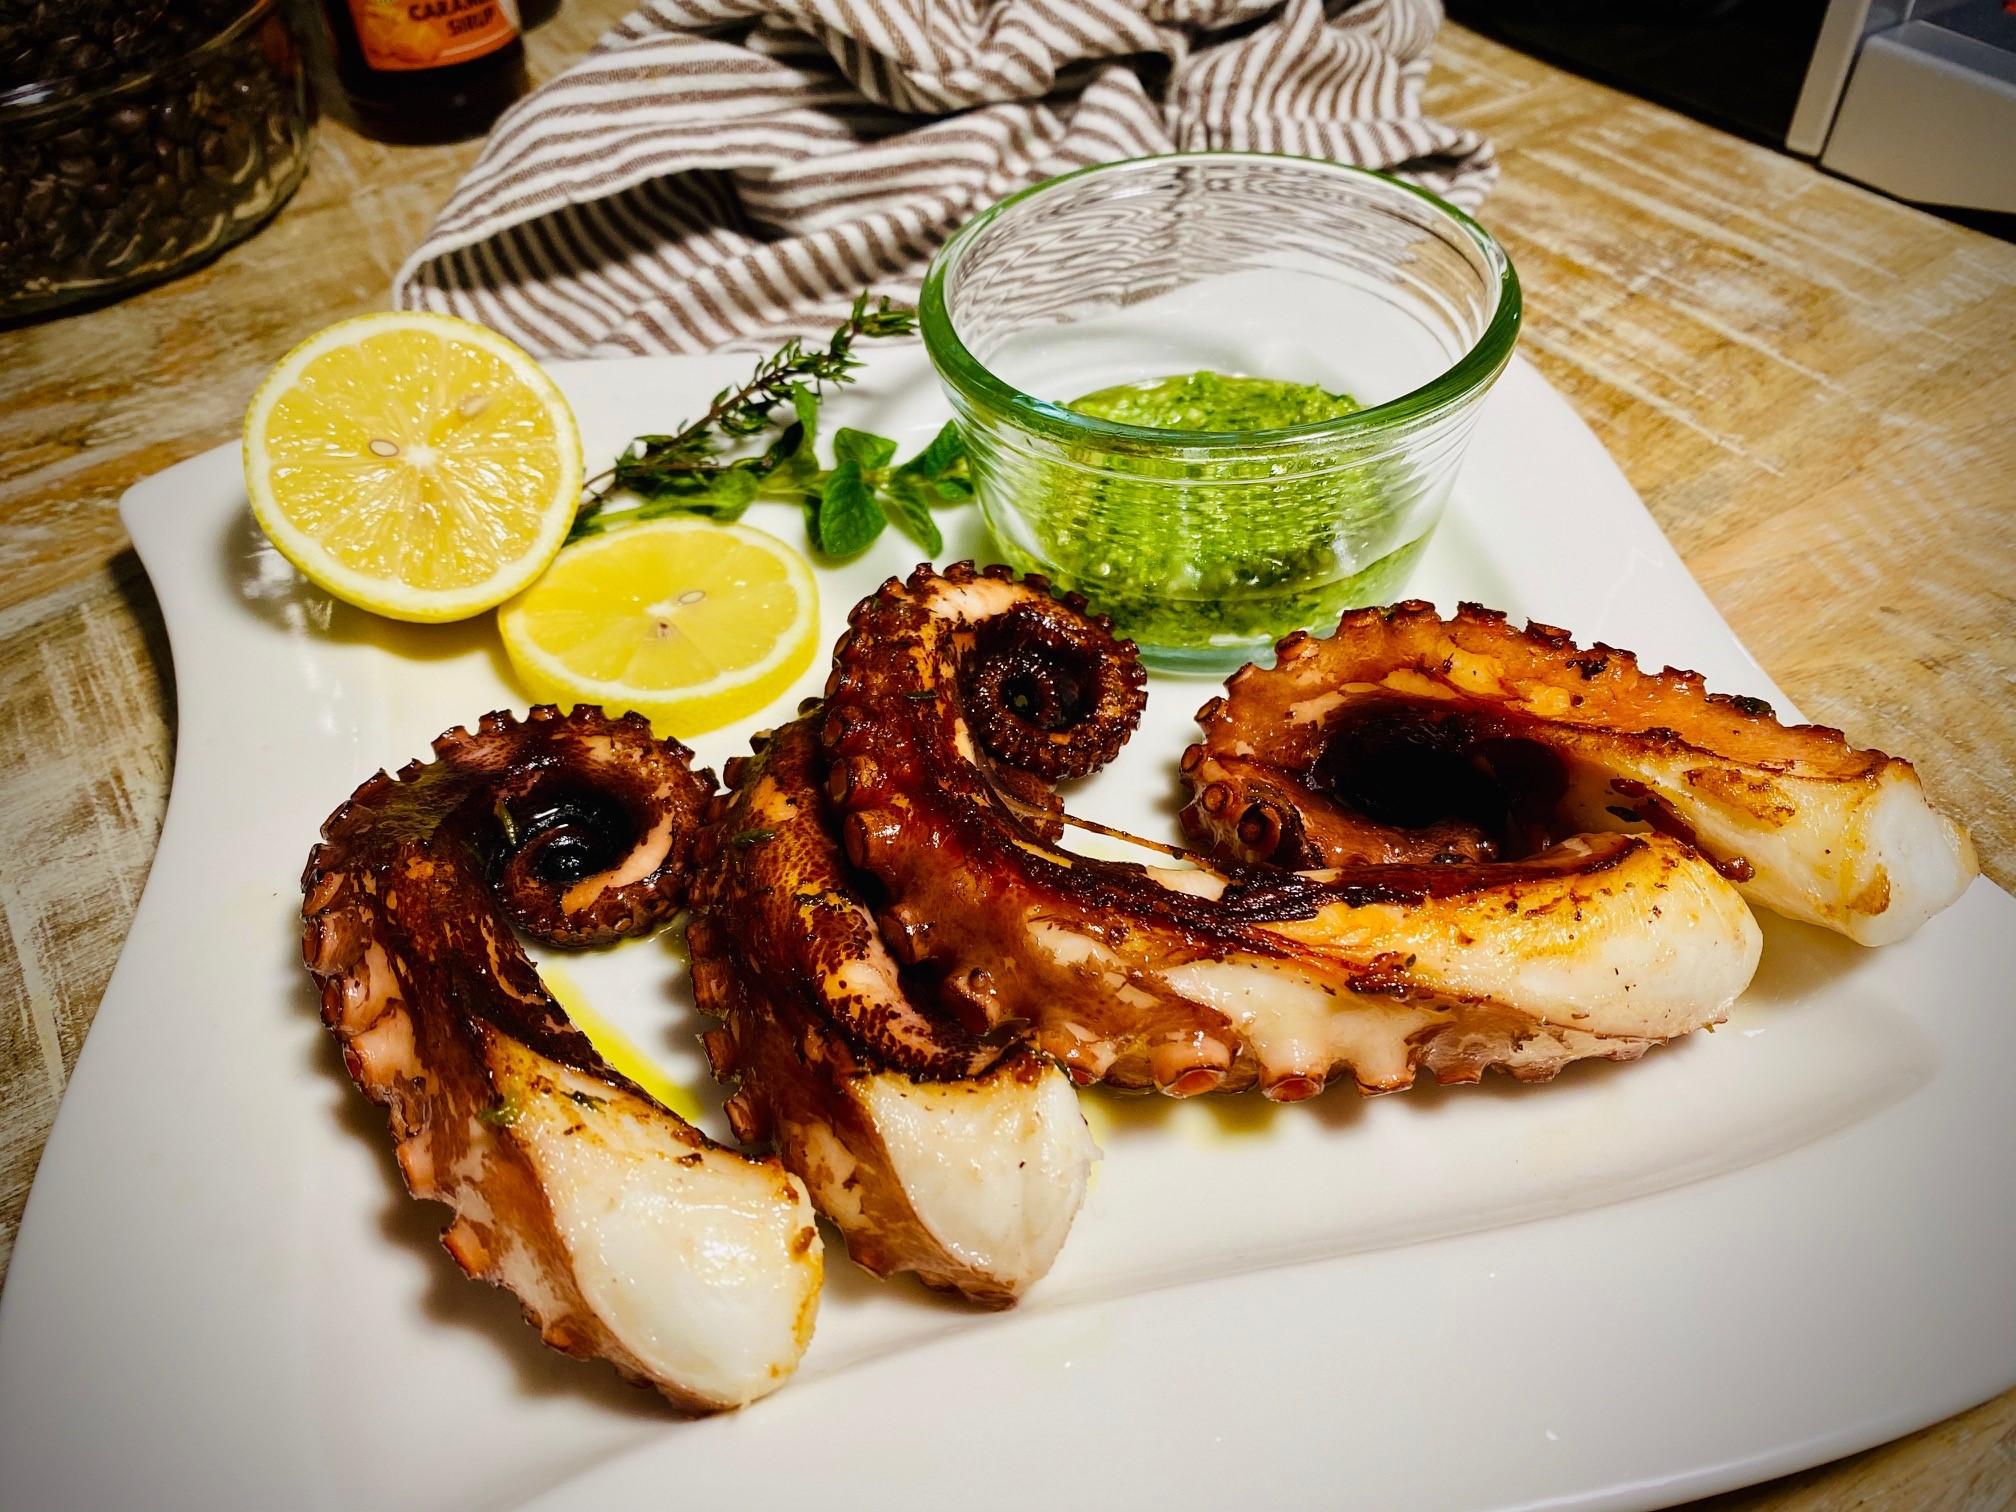 Rezept für griechischen Oktopus gegrillt oder gebraten